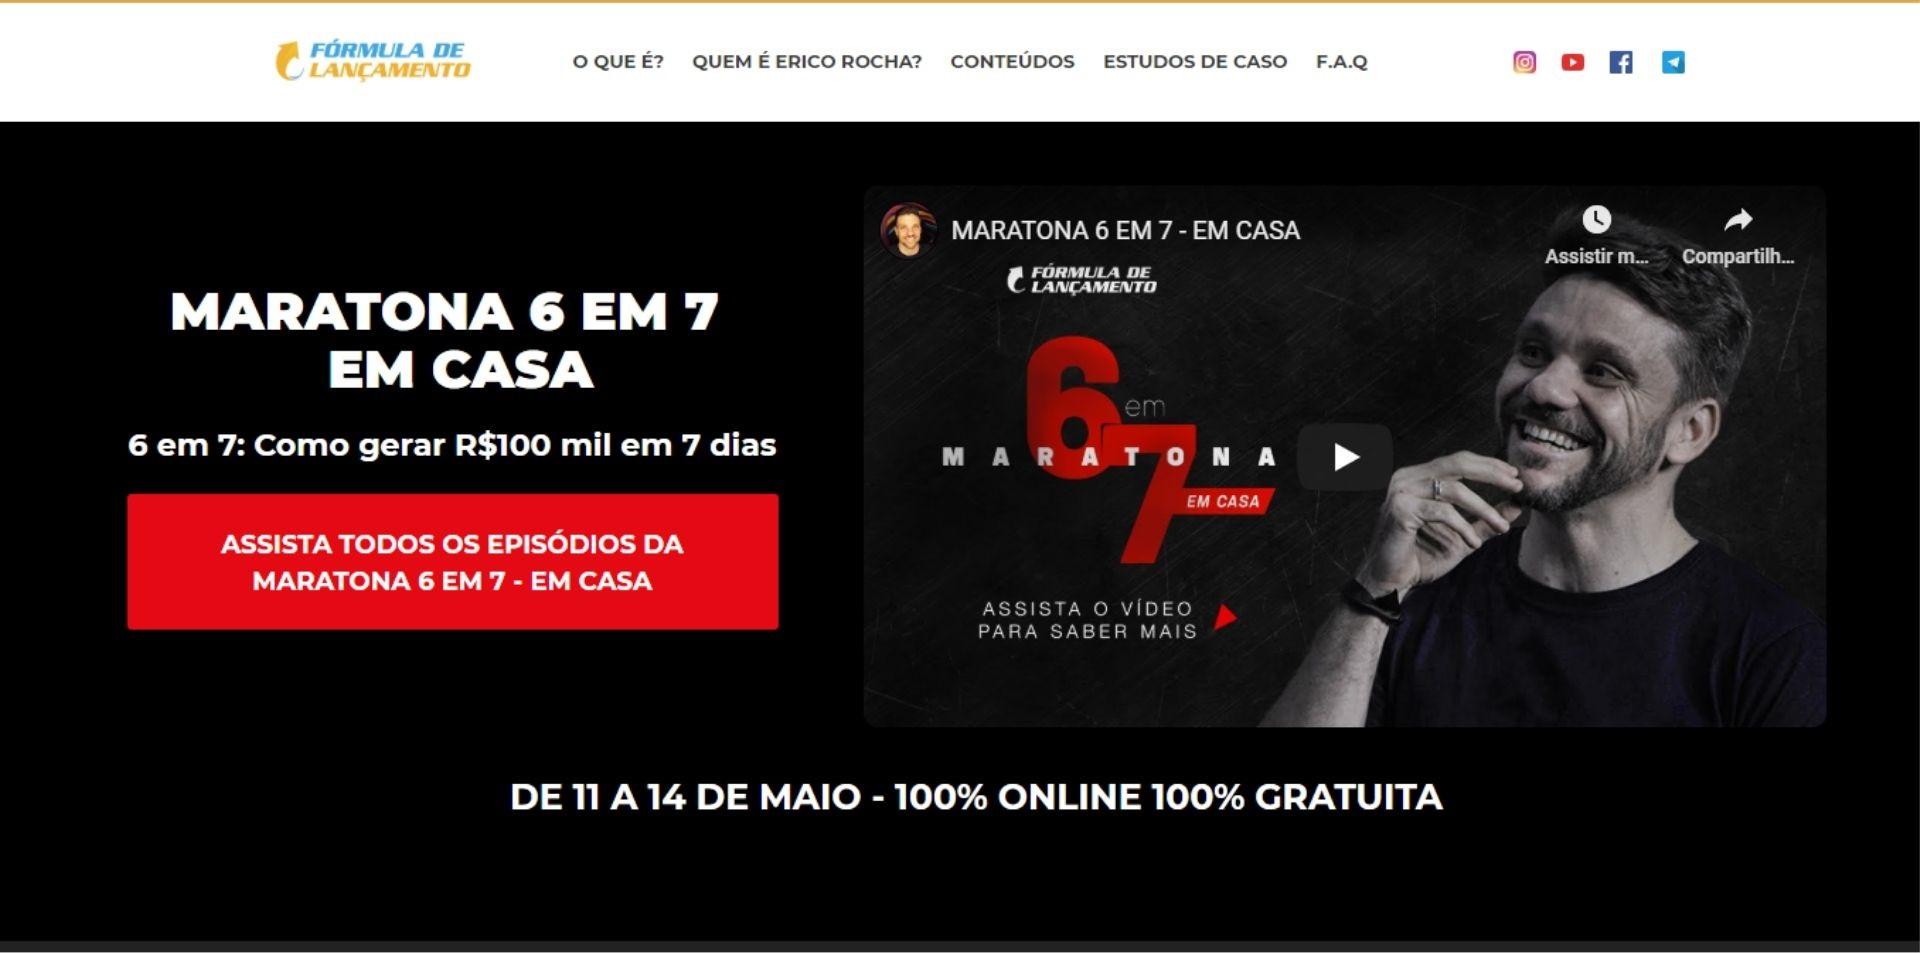 captura de lead na homepage da fórmula de lançamento